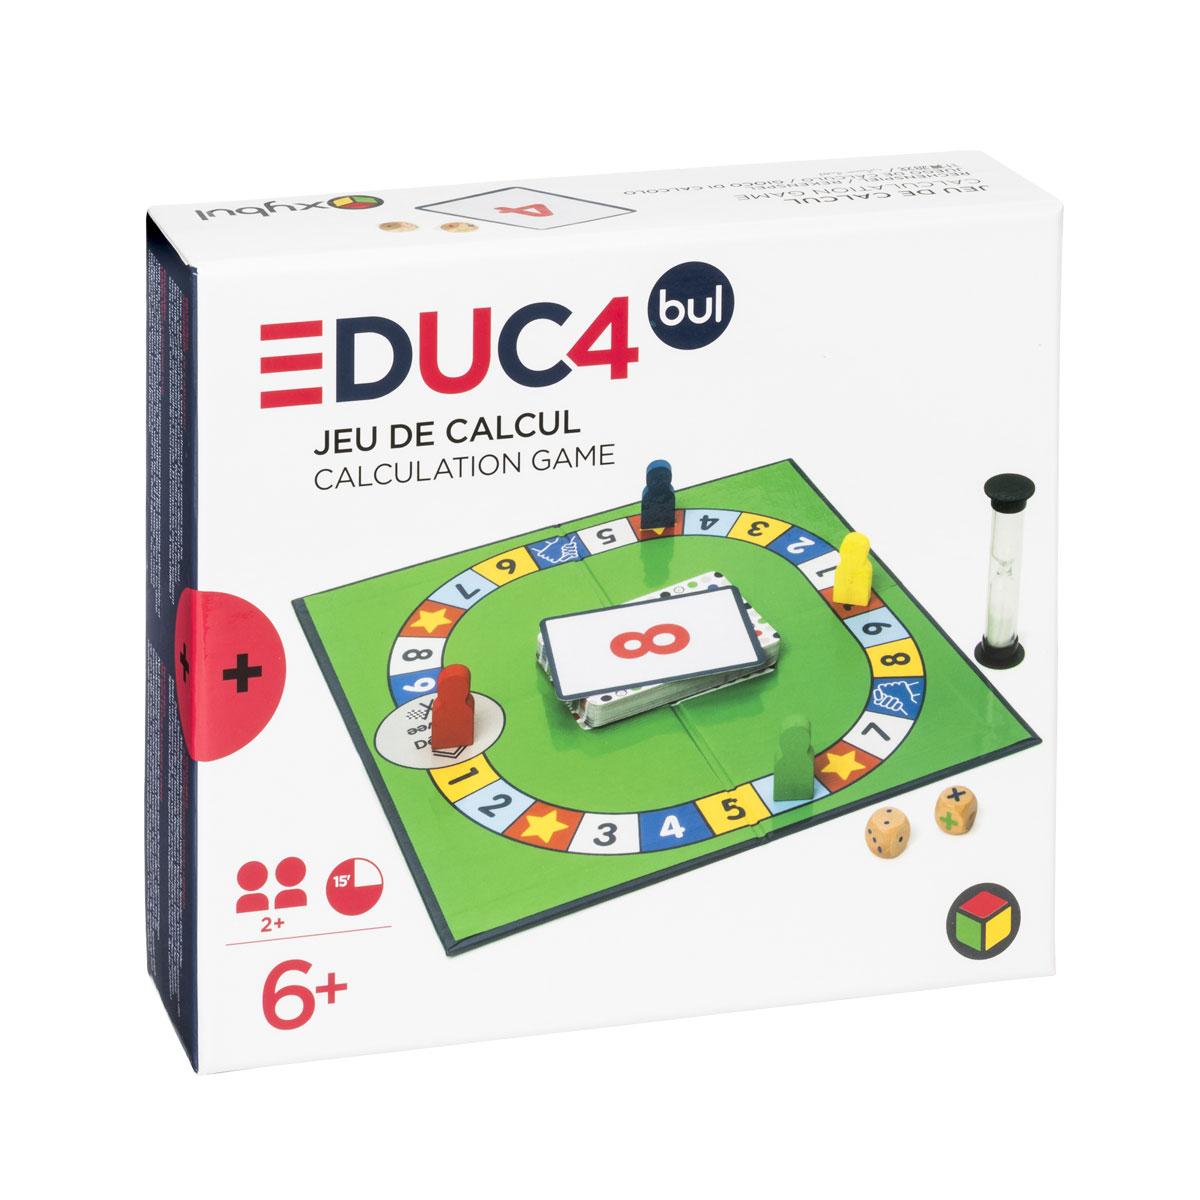 Educ4 Jeu de Calcul